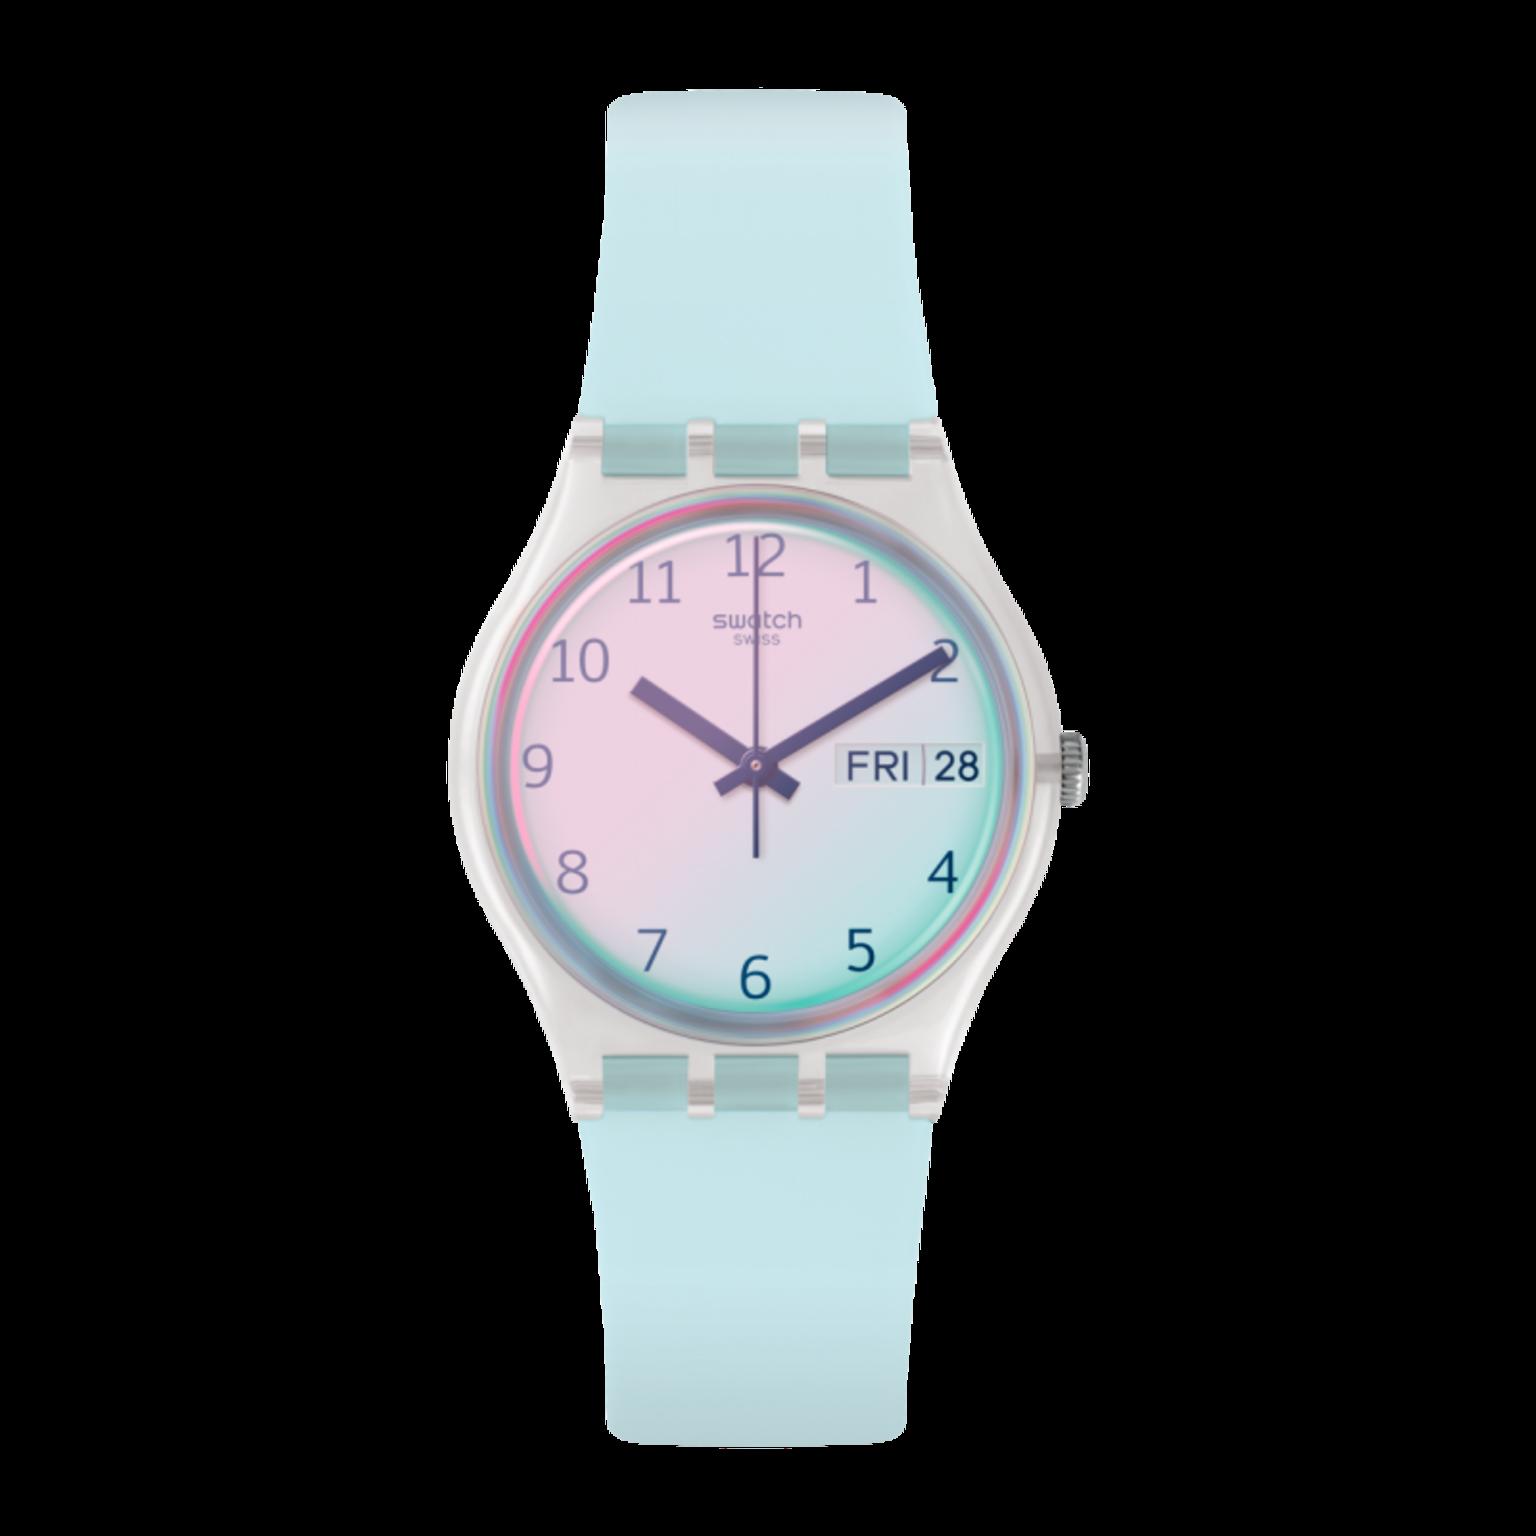 Swatch Ultraciel watch